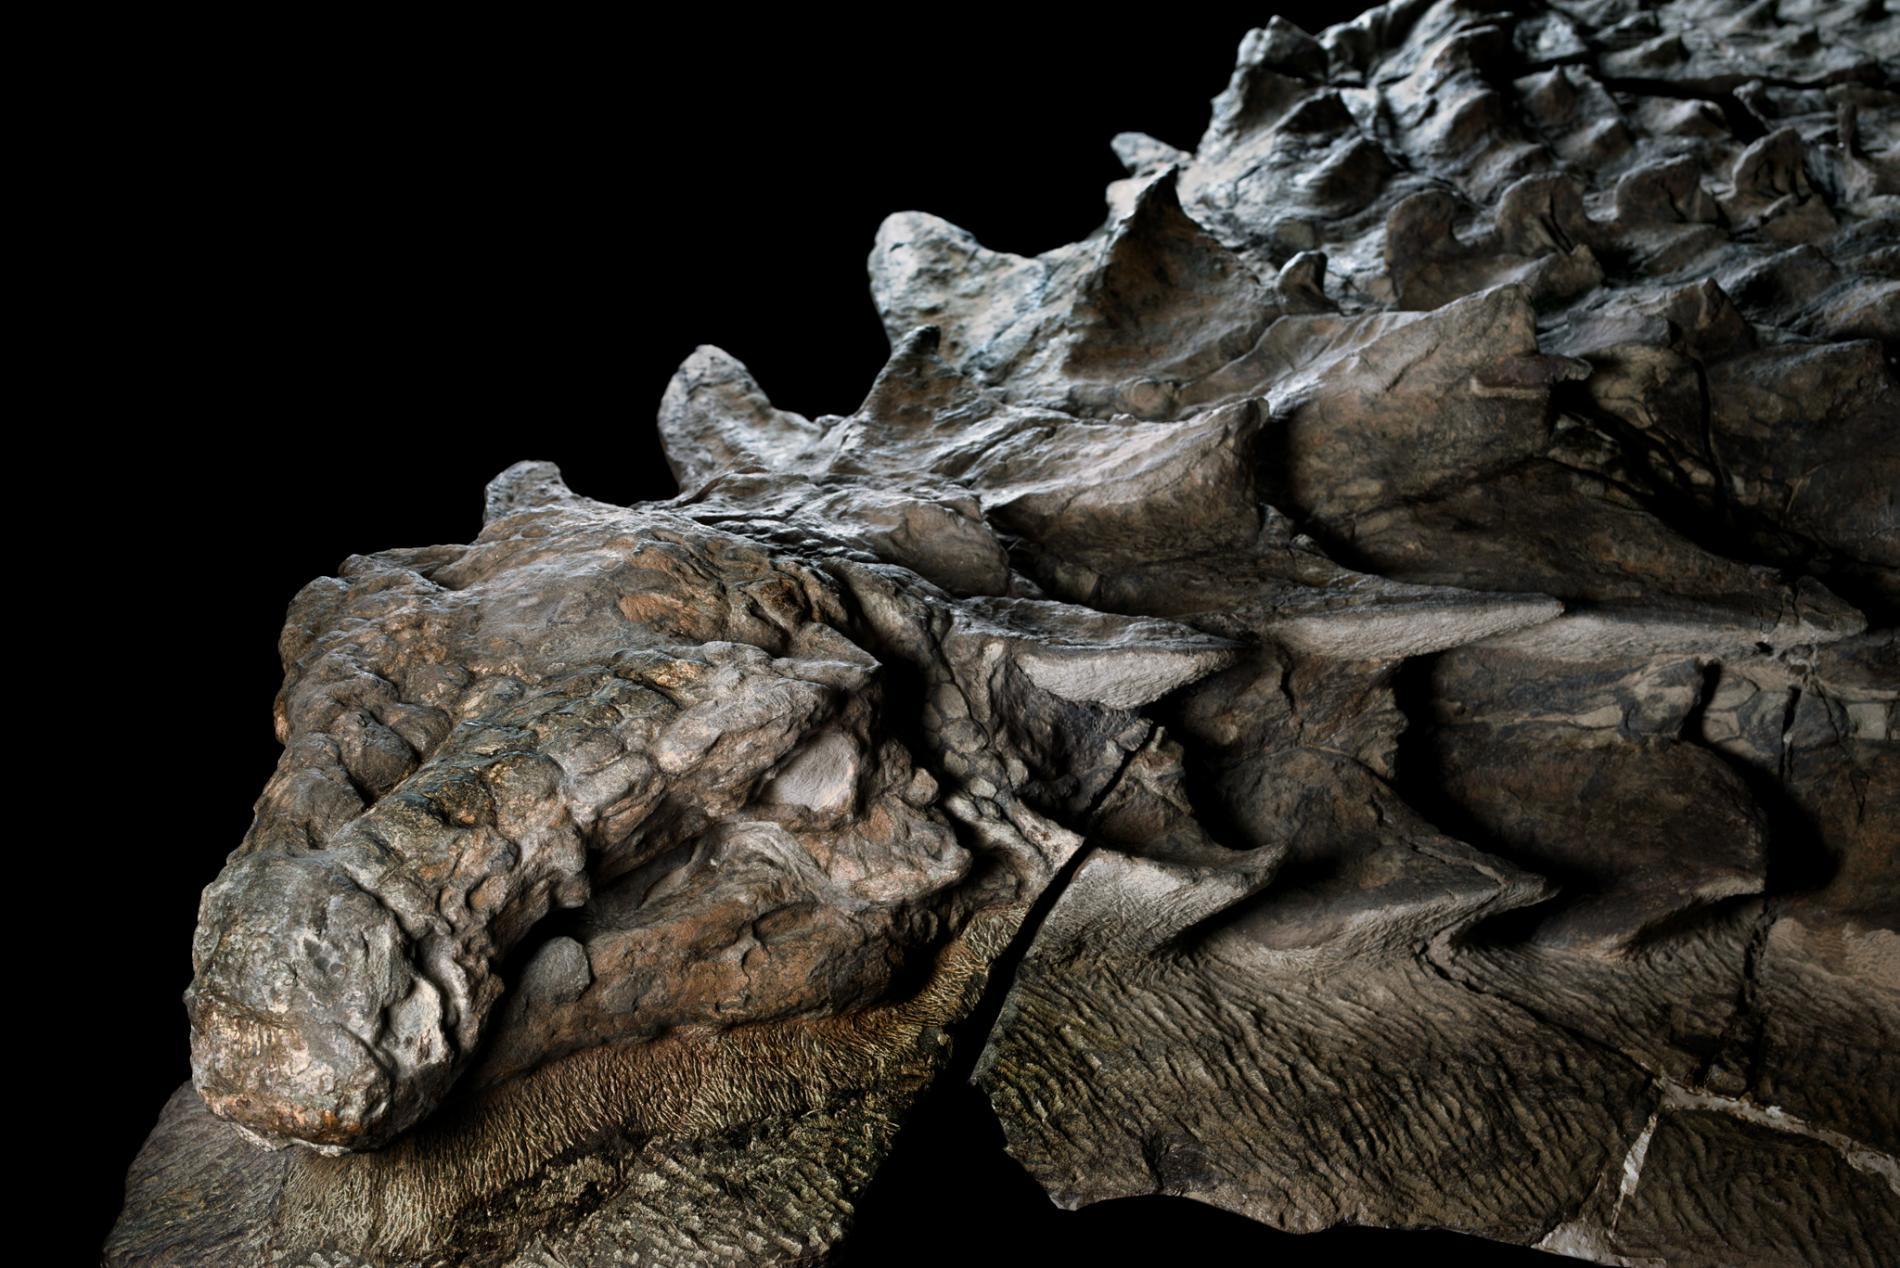 ฟอสซิลไดโนเสาร์